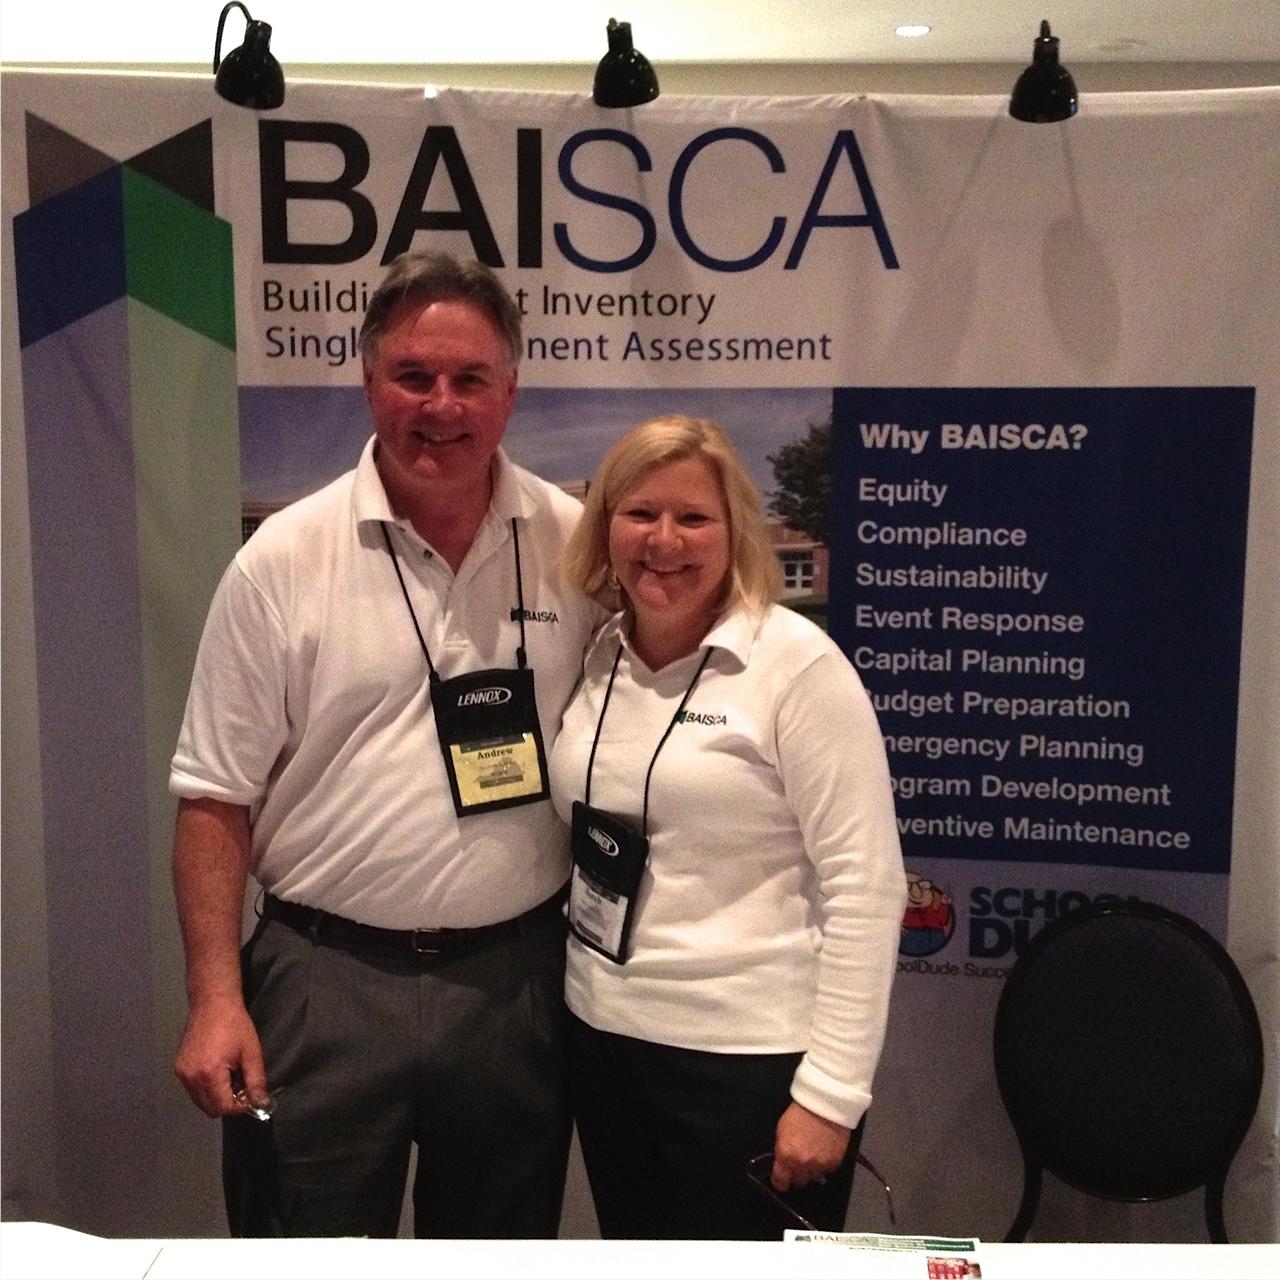 BAISCA Booth